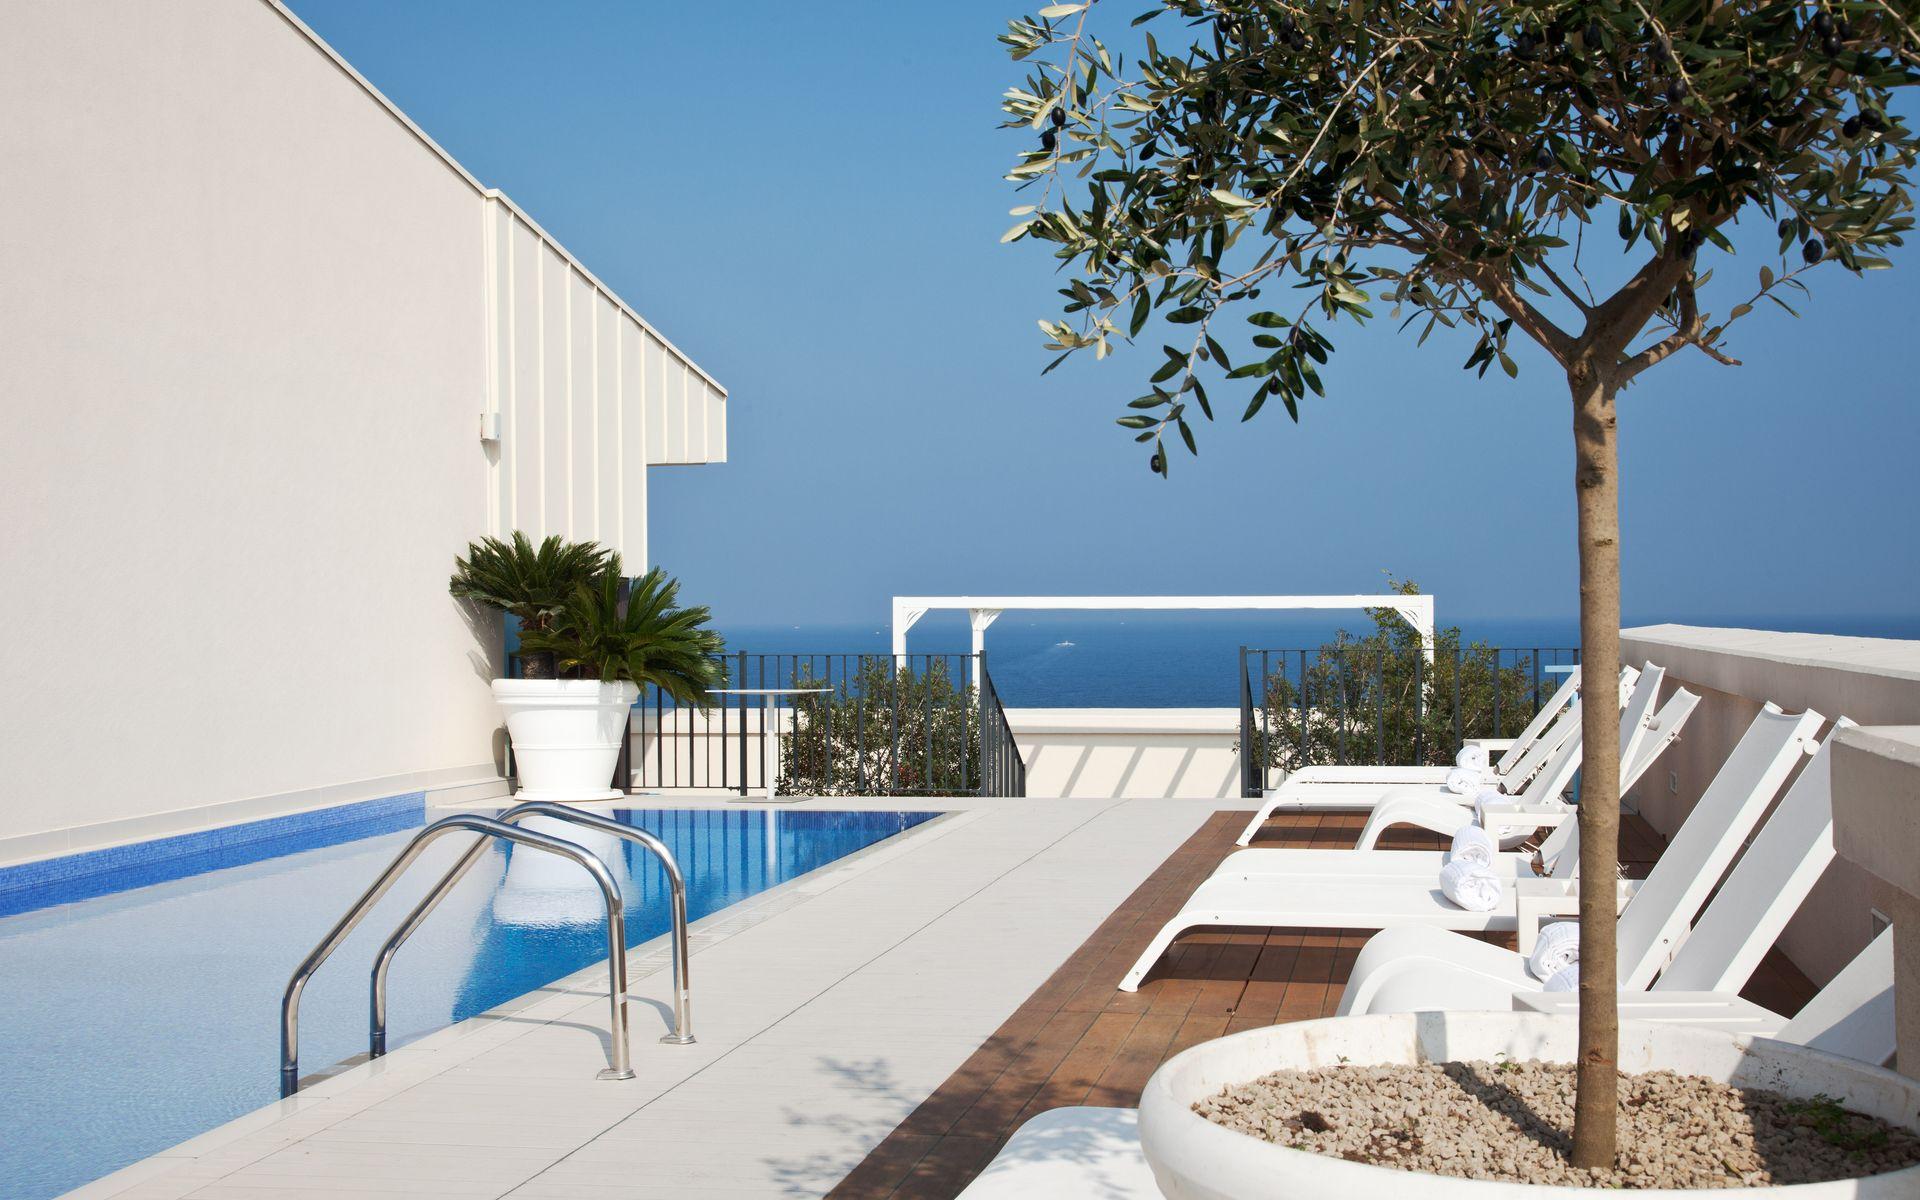 Hotel Grande Albergo Delle Nazioni, Bari da € 59 - Logitravel